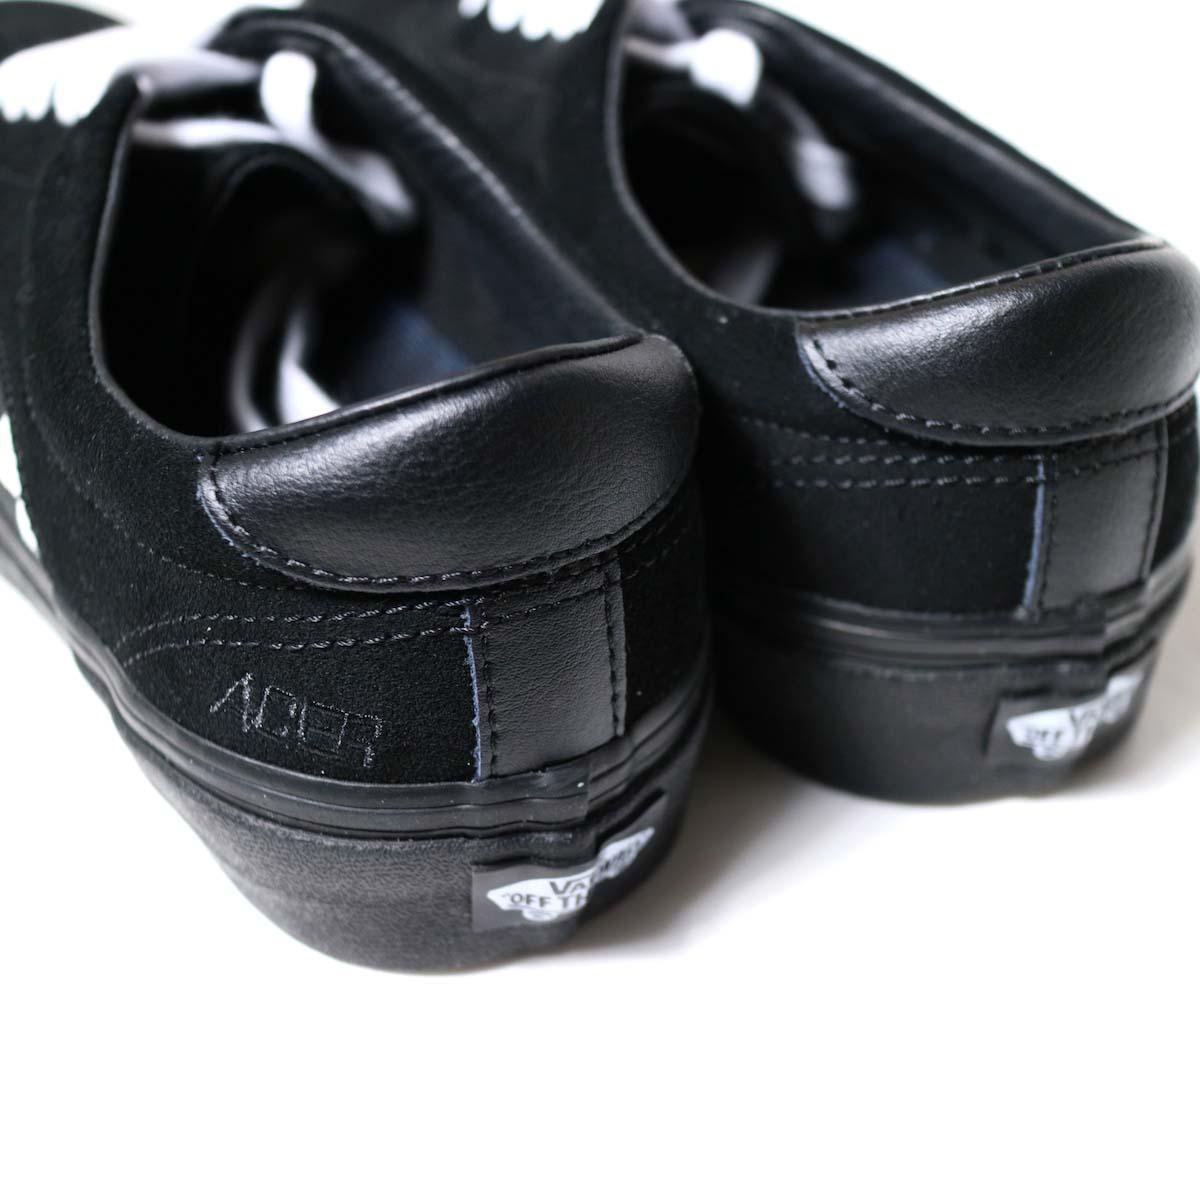 VANS / VANS / ACER NI SP (Black)ヒール